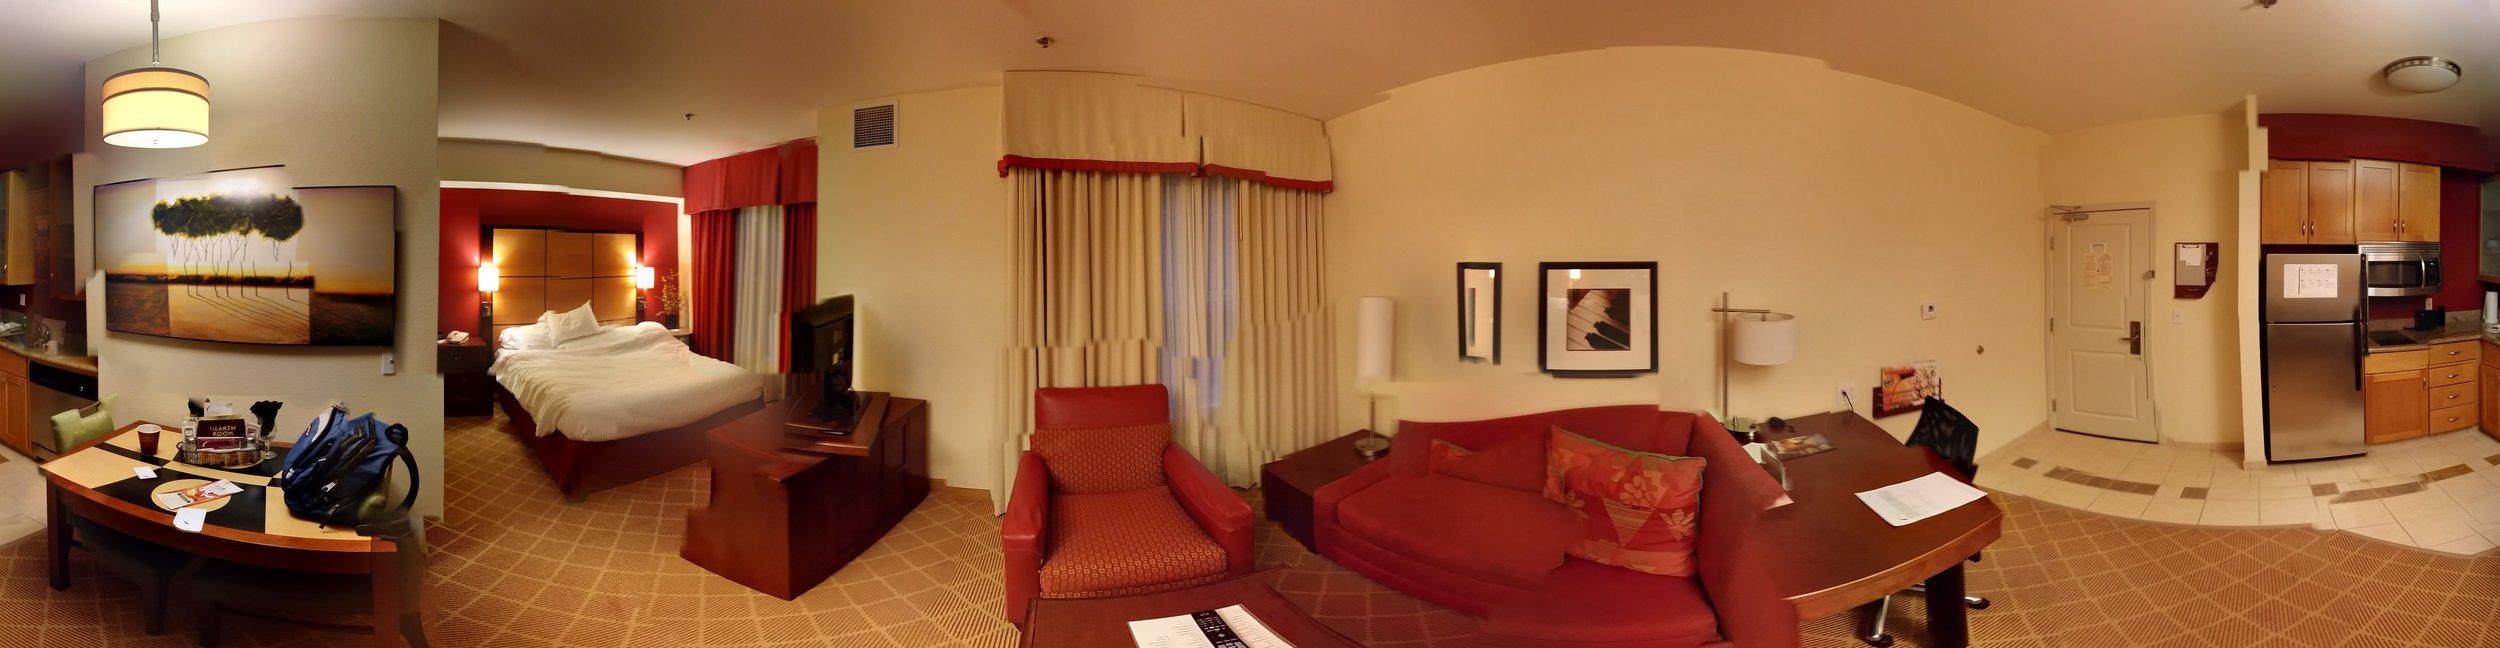 renovation residence inn